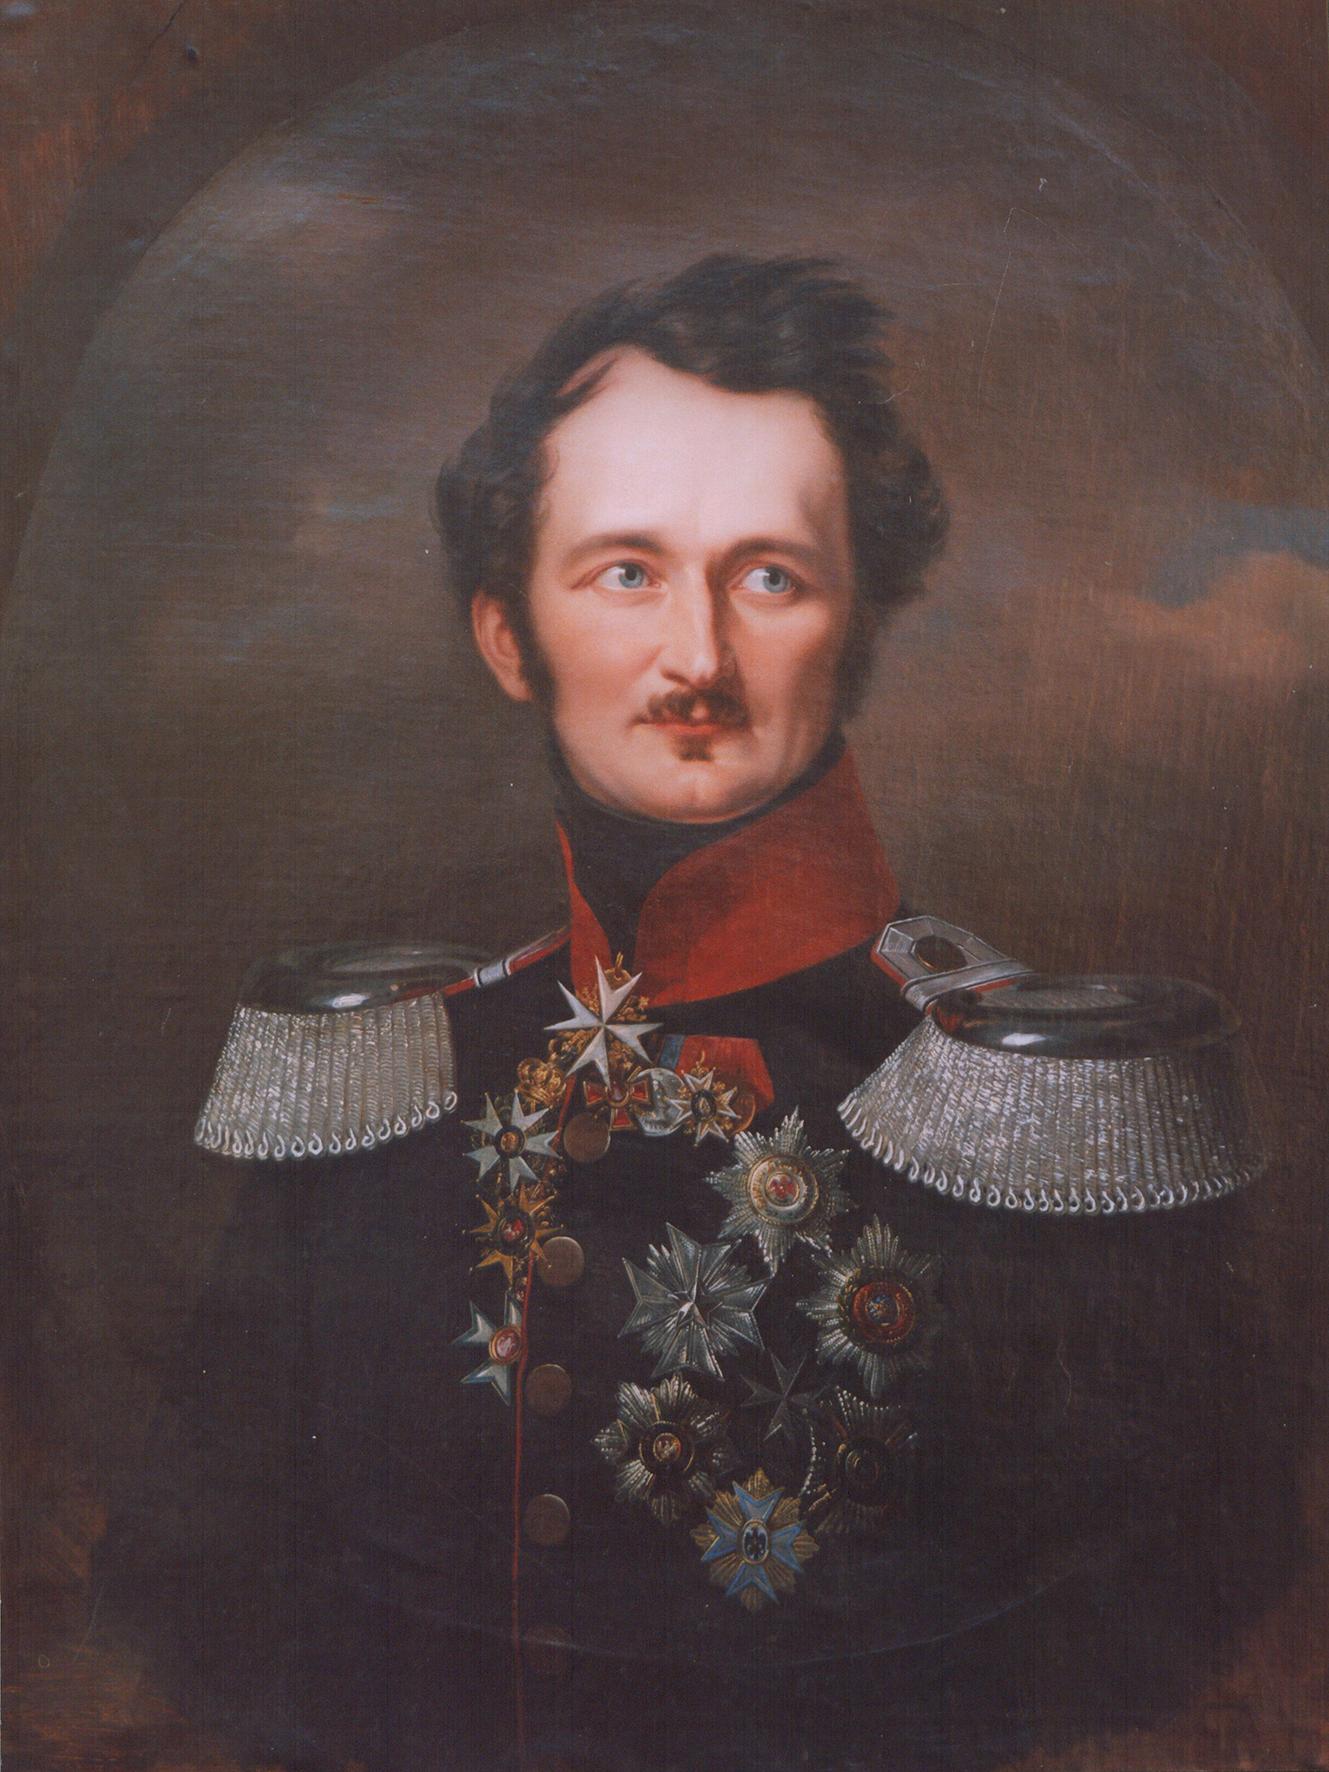 Franz Krüger: Hermann Fürst von Pückler-Muskau in preußischer Uniform, 1846, Öl auf Leinwand. Leihgabe Hermann Graf von Pückler, München. © Hermann Graf Pückler, München/Branitz